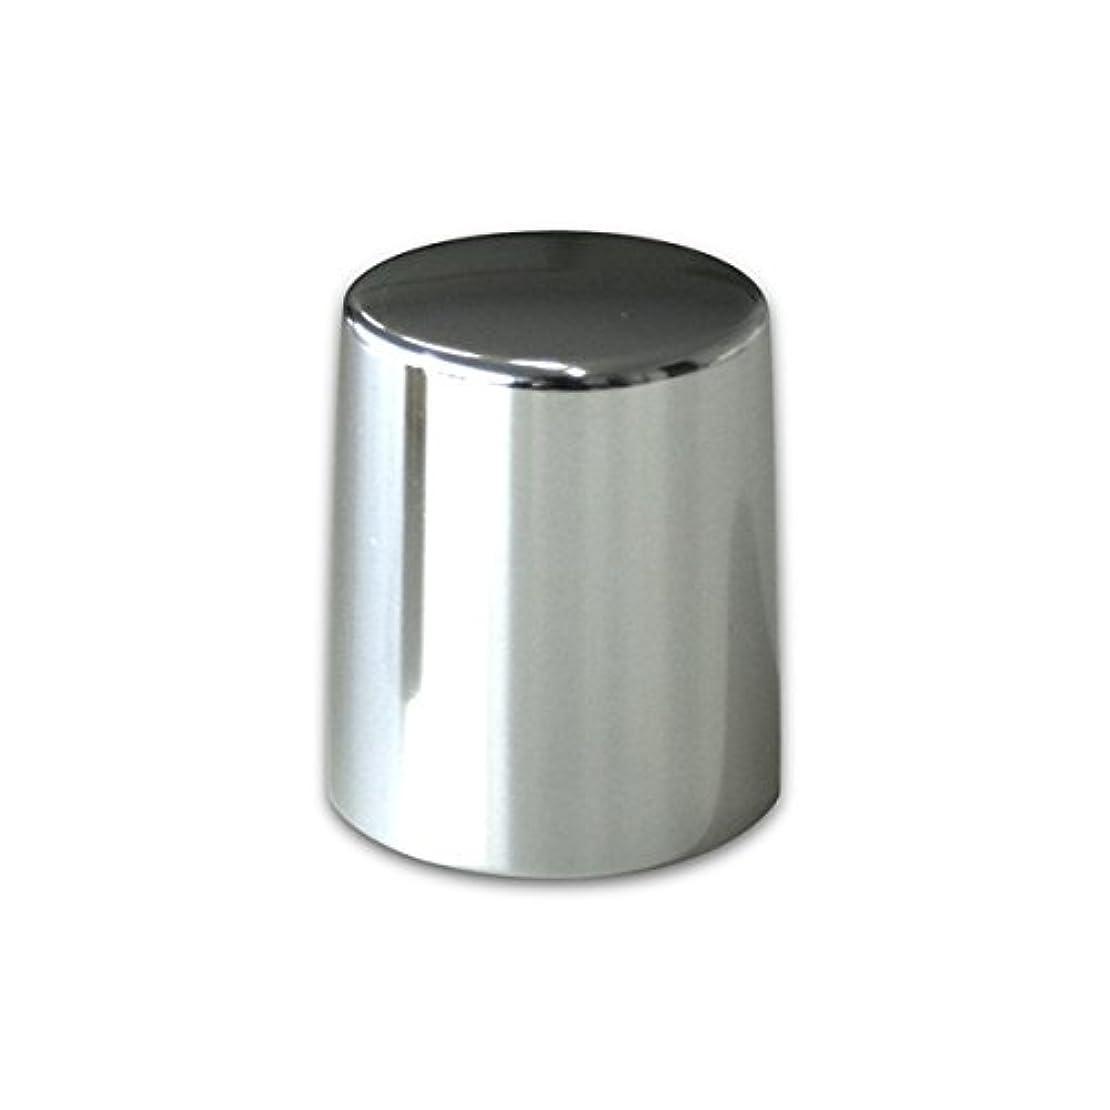 たるみマンハッタン冷蔵するランプベルジェ(LAMPE BERGER)消火キャップ【正規輸入品】密閉蓋シルバー